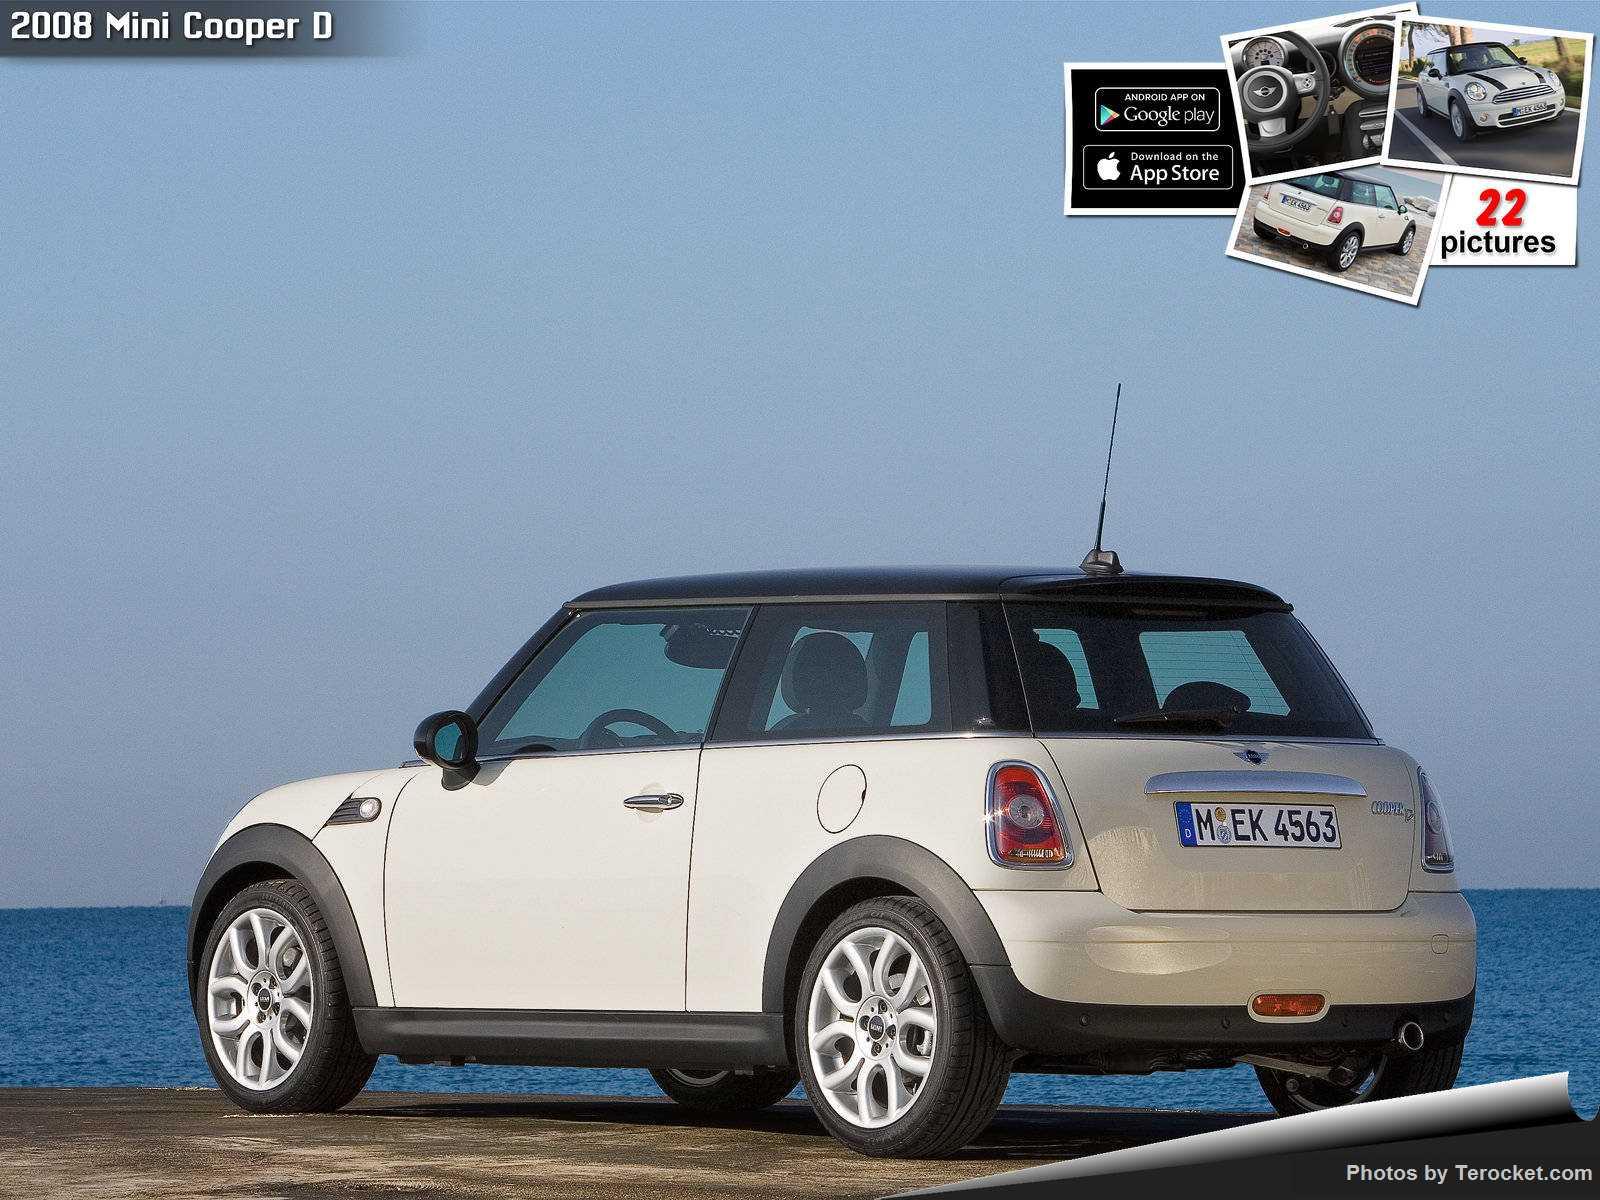 Hình ảnh xe ô tô Mini Cooper D 2008 & nội ngoại thất